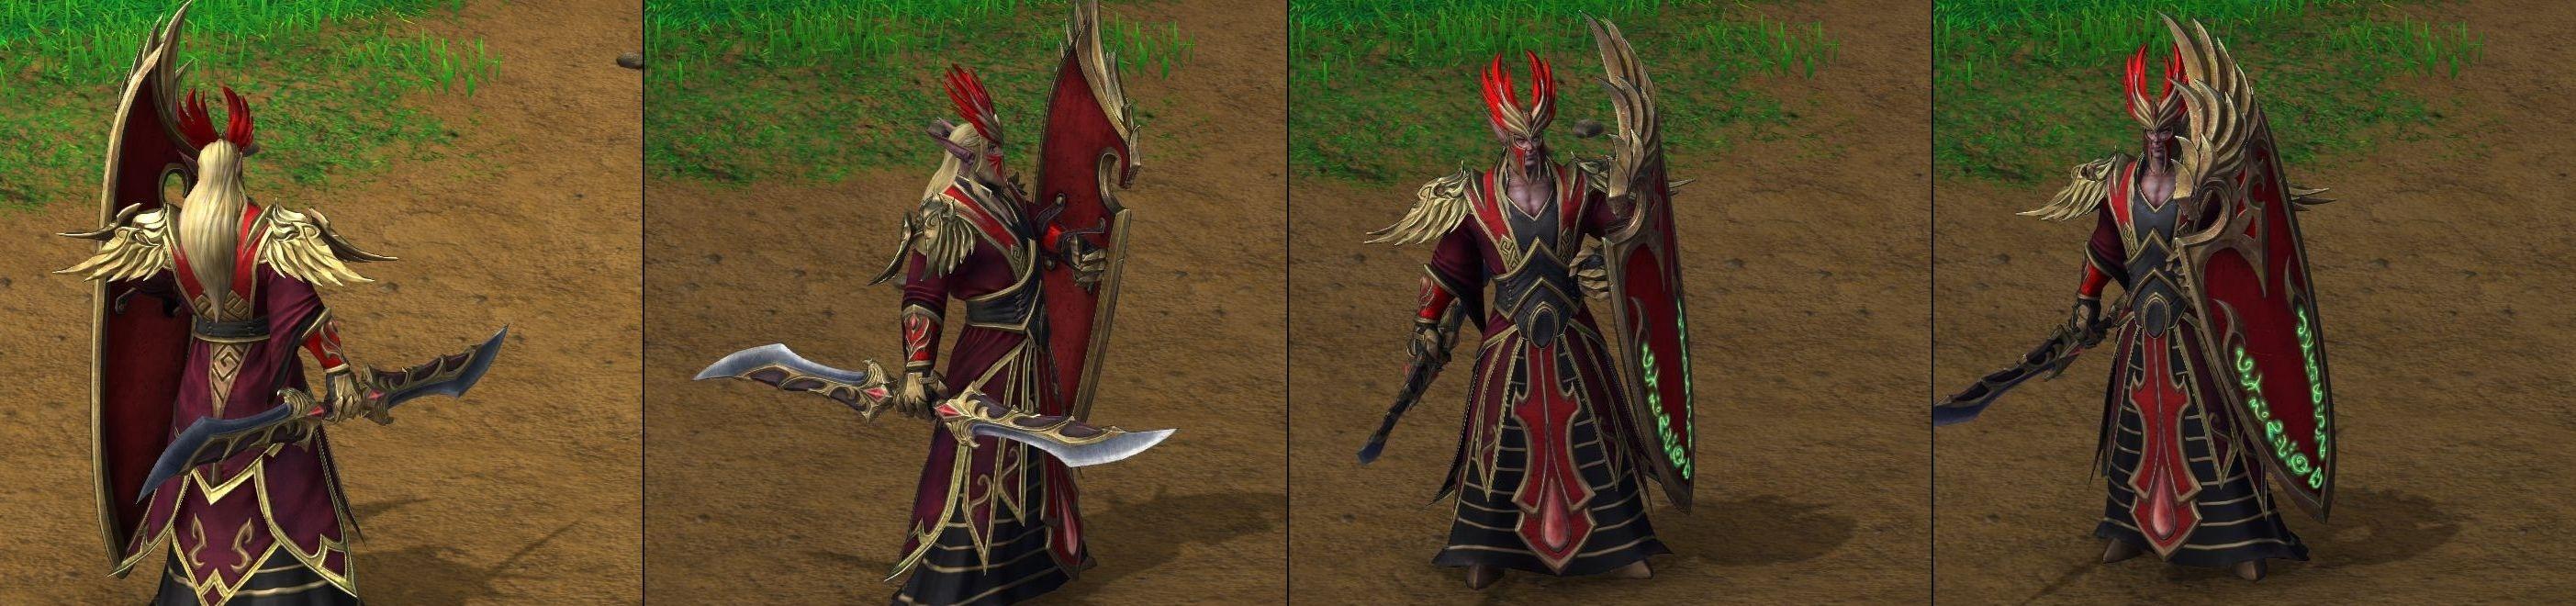 Warcraft III Reforged : Spell Breaker